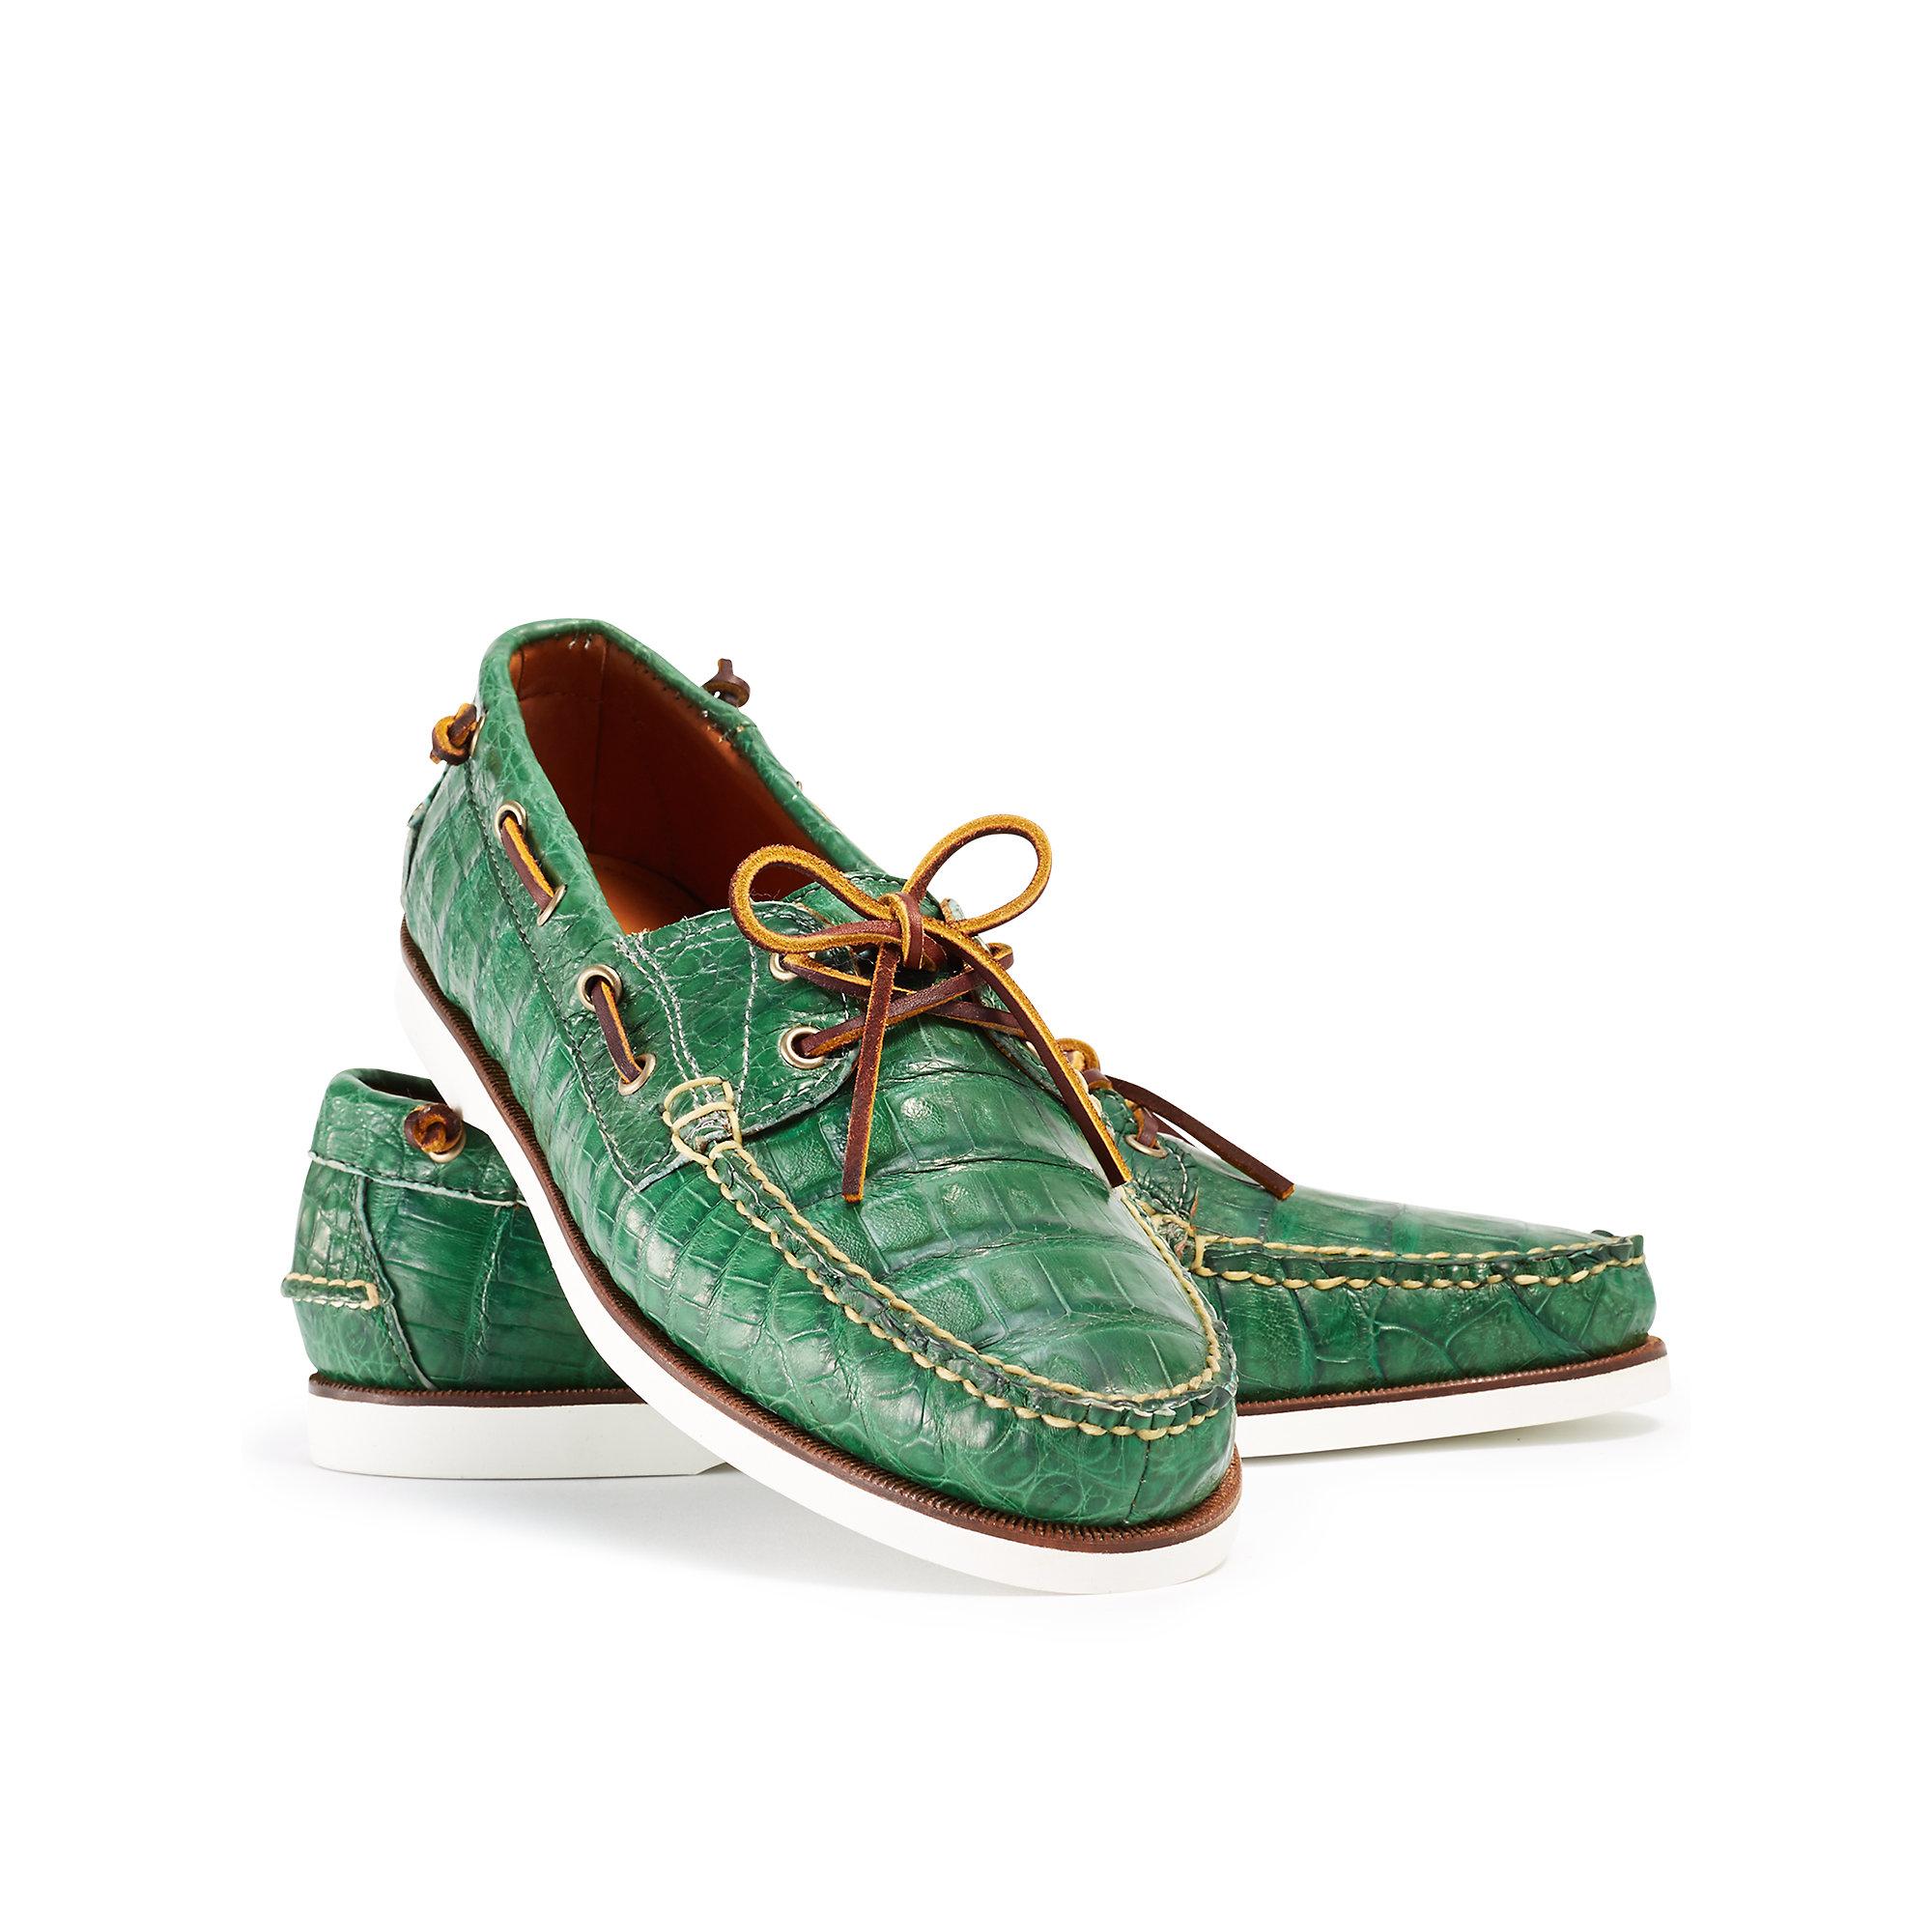 854621ce05 Ralph Lauren Green Crocodile Telford Ii Boat Shoe for men